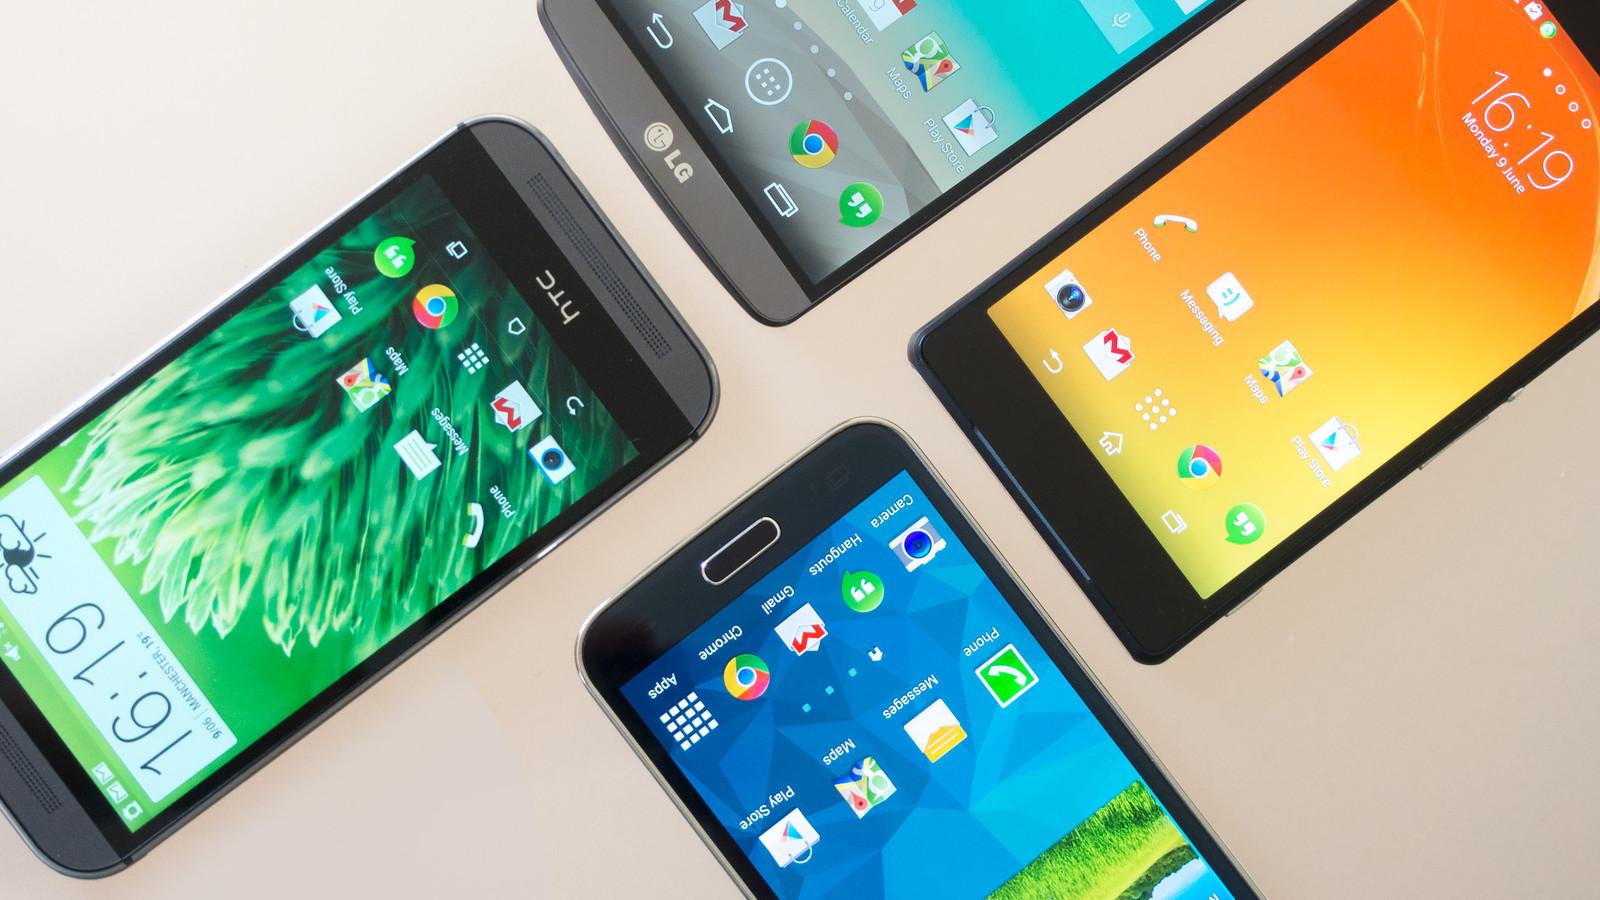 مختارات عالم التقنية لأفضل تطبيقات أندرويد لشهر نوفمبر